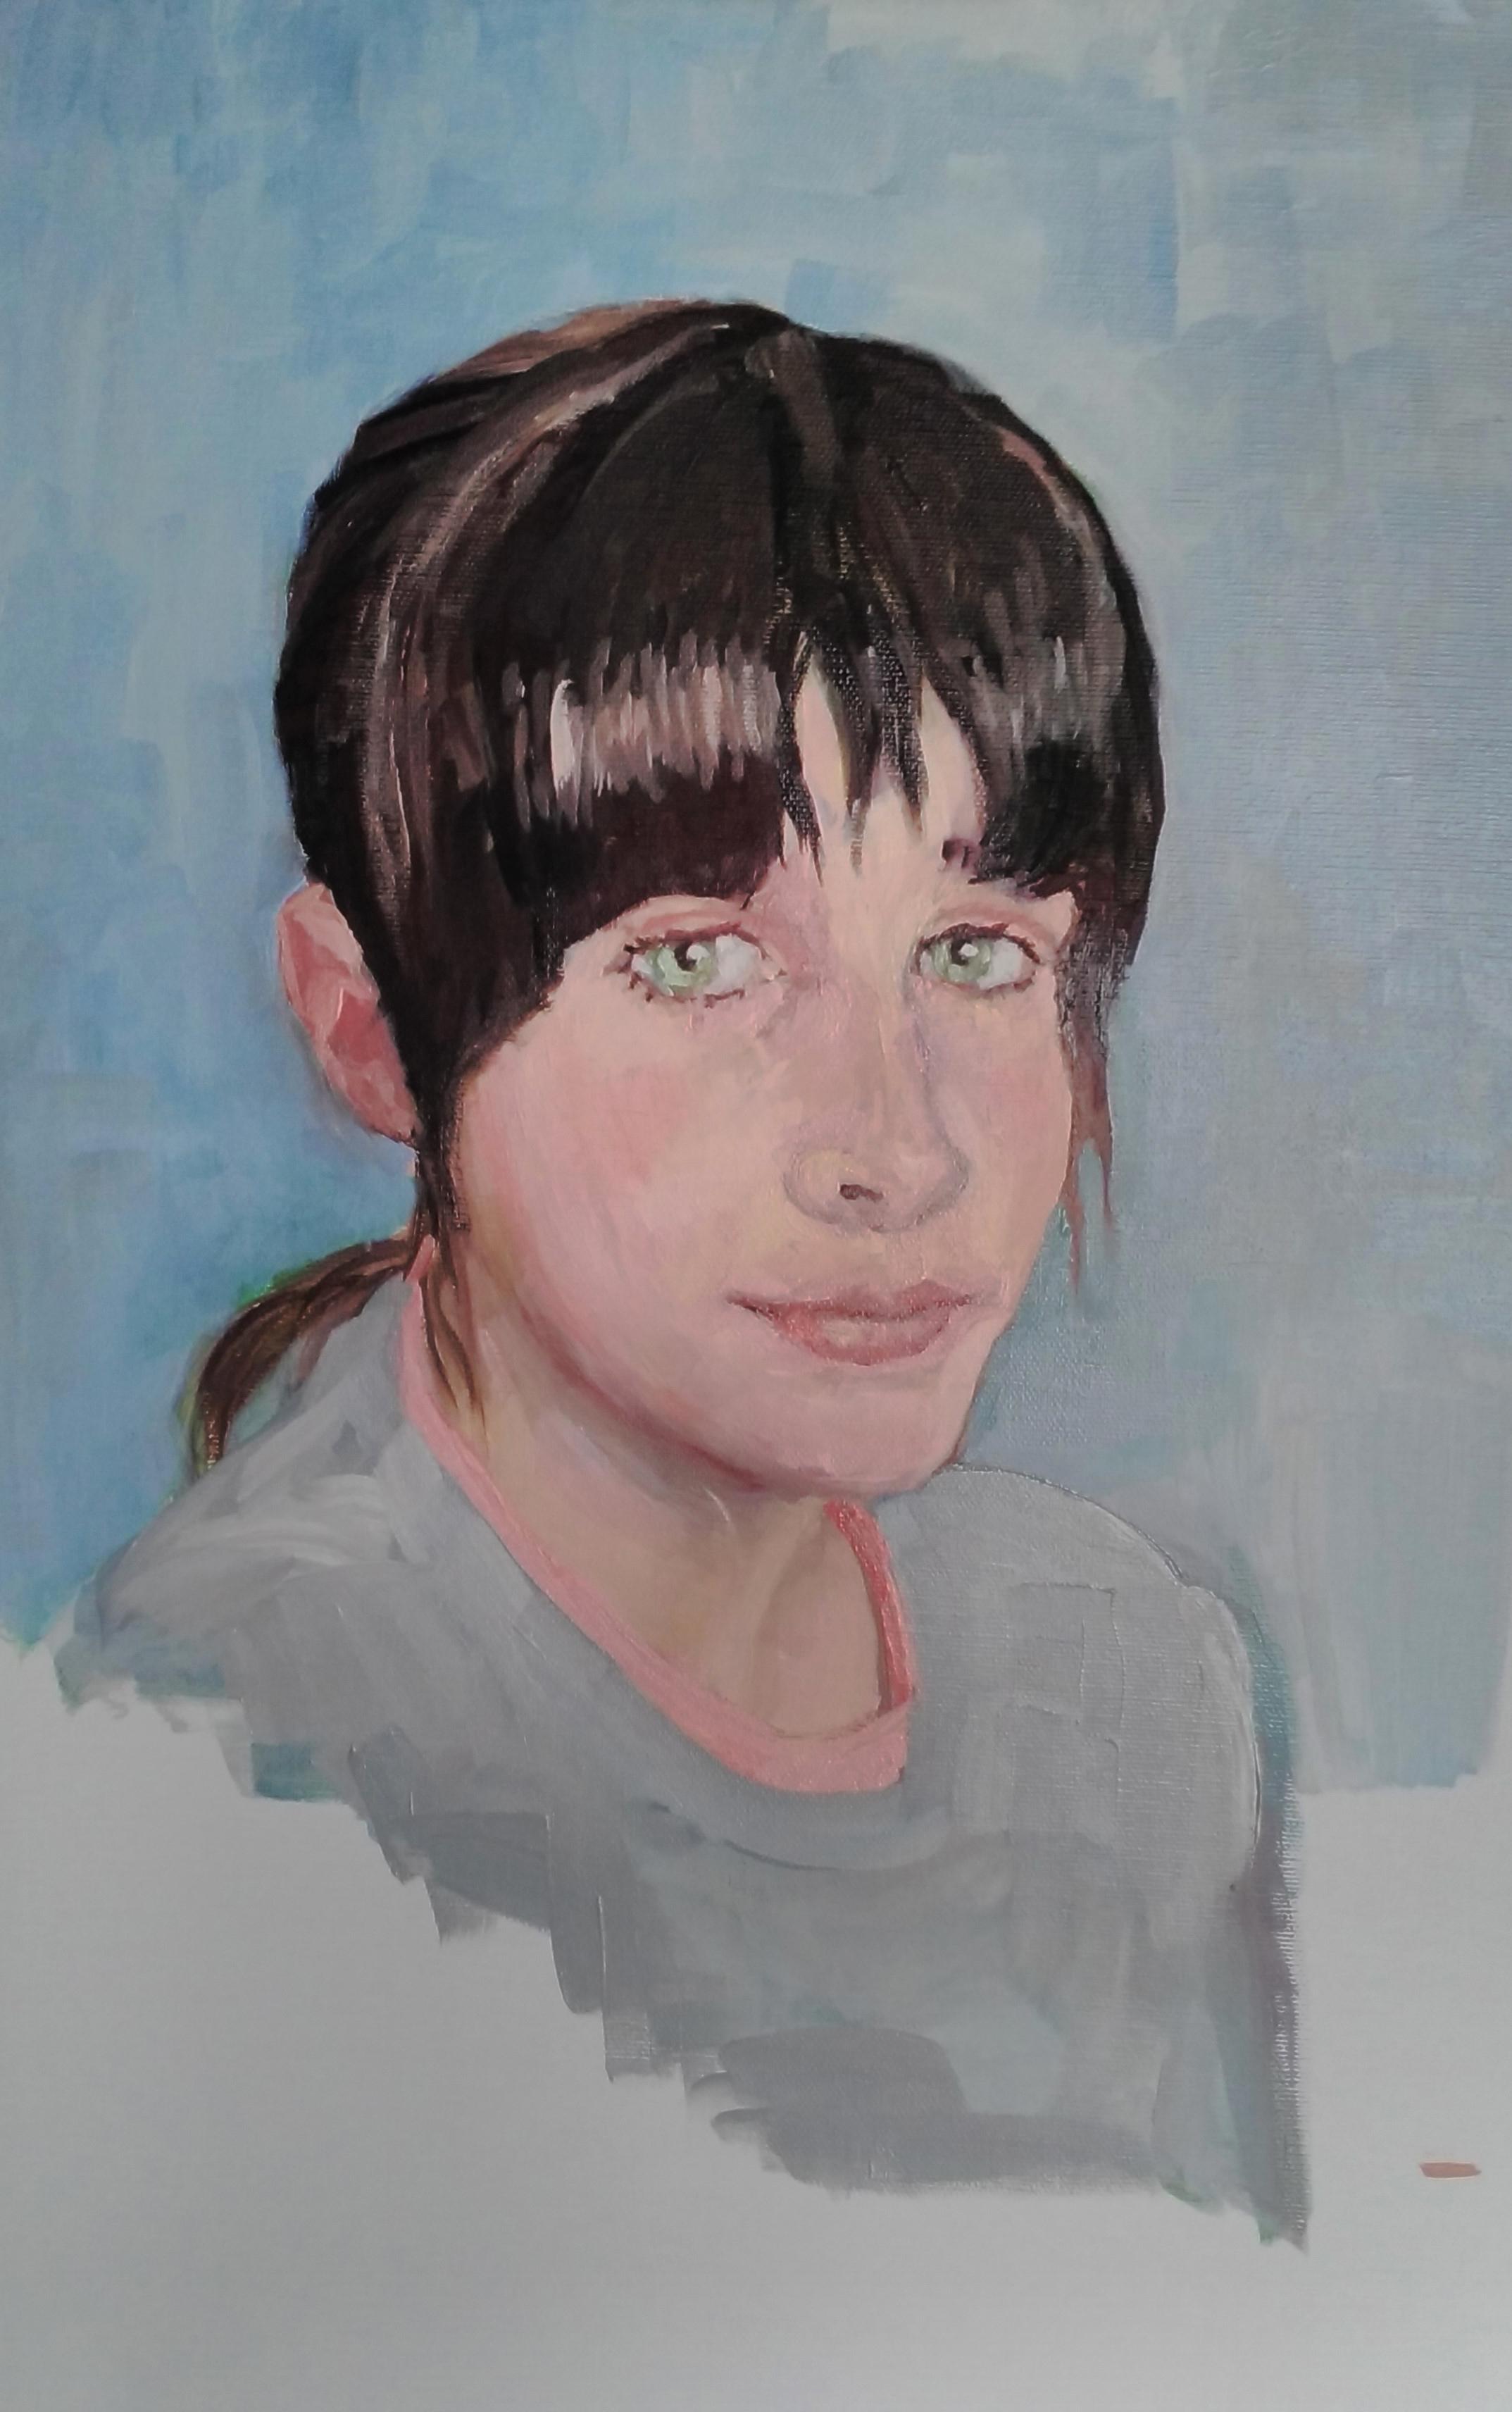 Retrato al óleo de una niña de pelo negro y ojos verdes